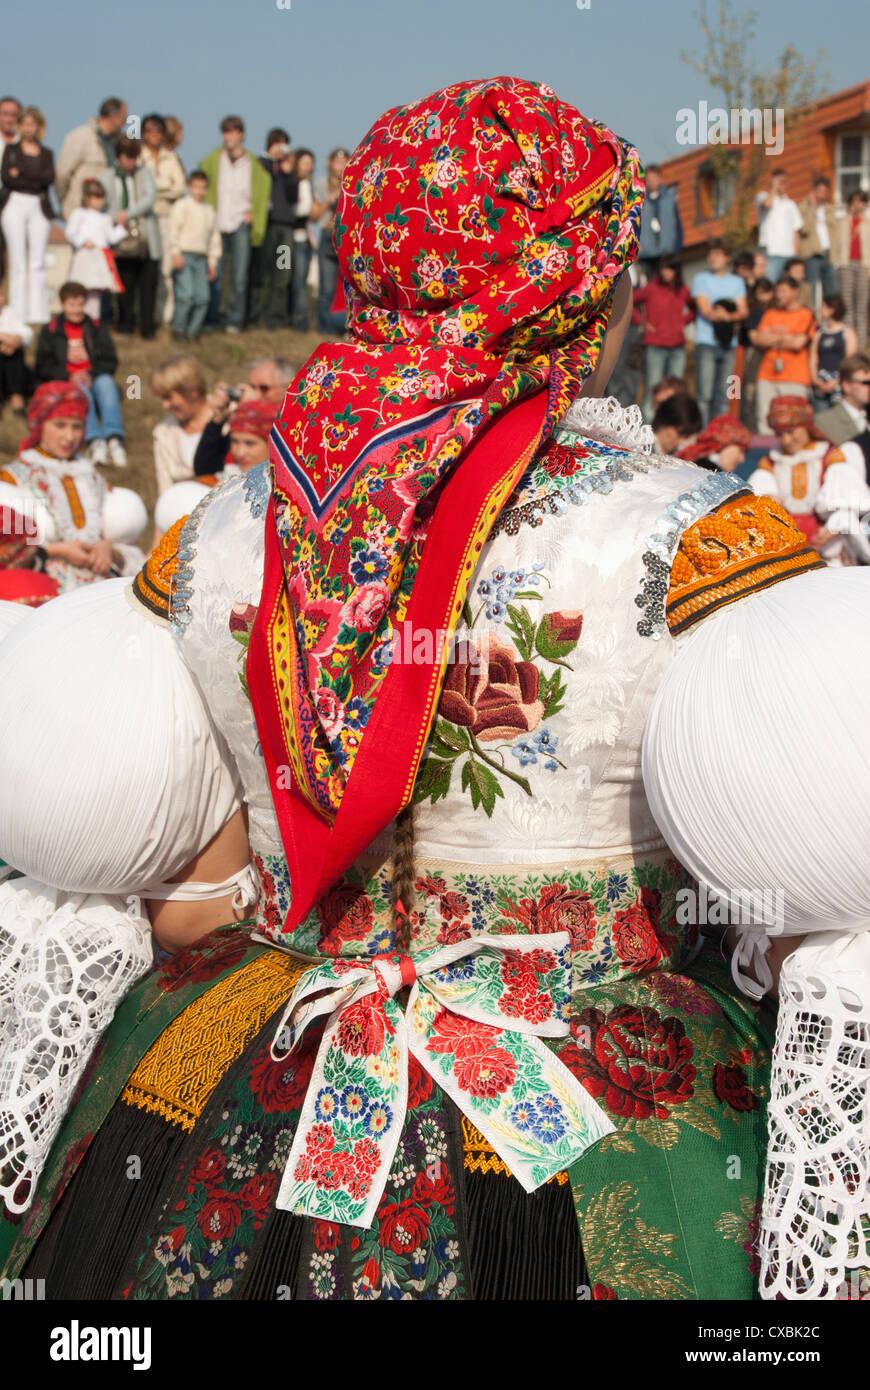 Mujer vistiendo traje folclórico durante el otoño Fiesta Festival, Borsice, Brnensko, República Checa, Imagen De Stock